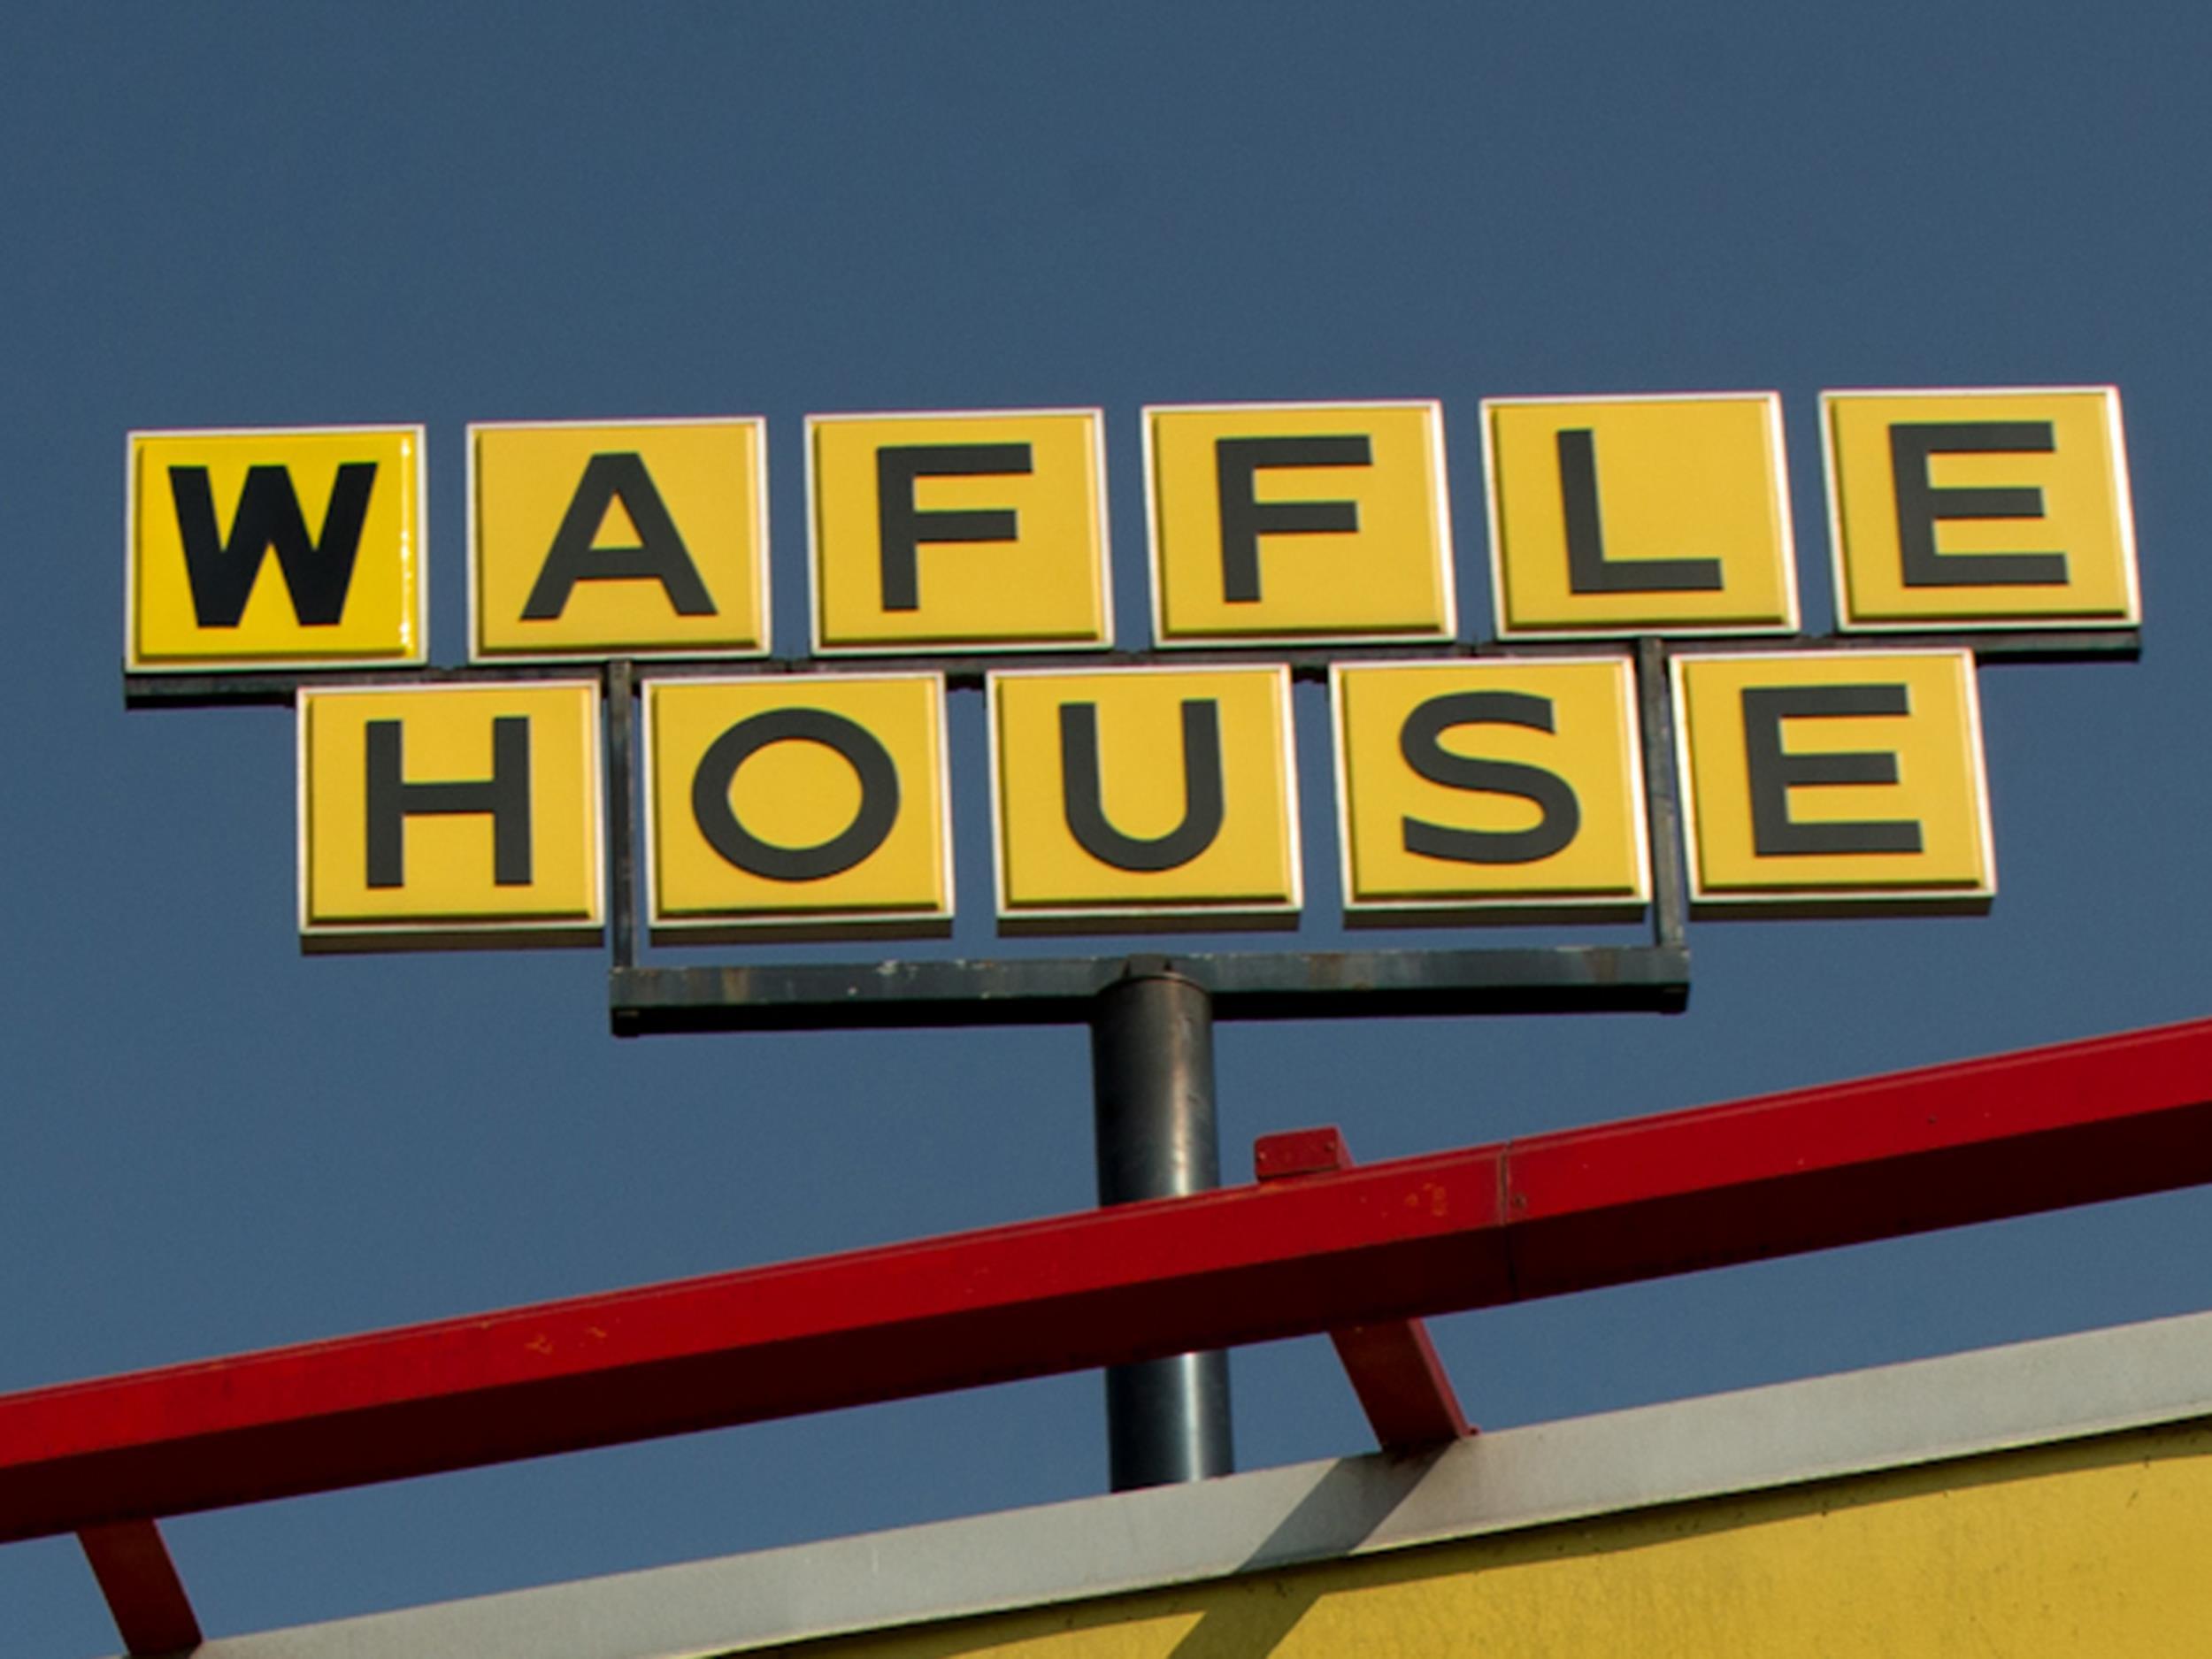 Image: Image: A Waffle House sign